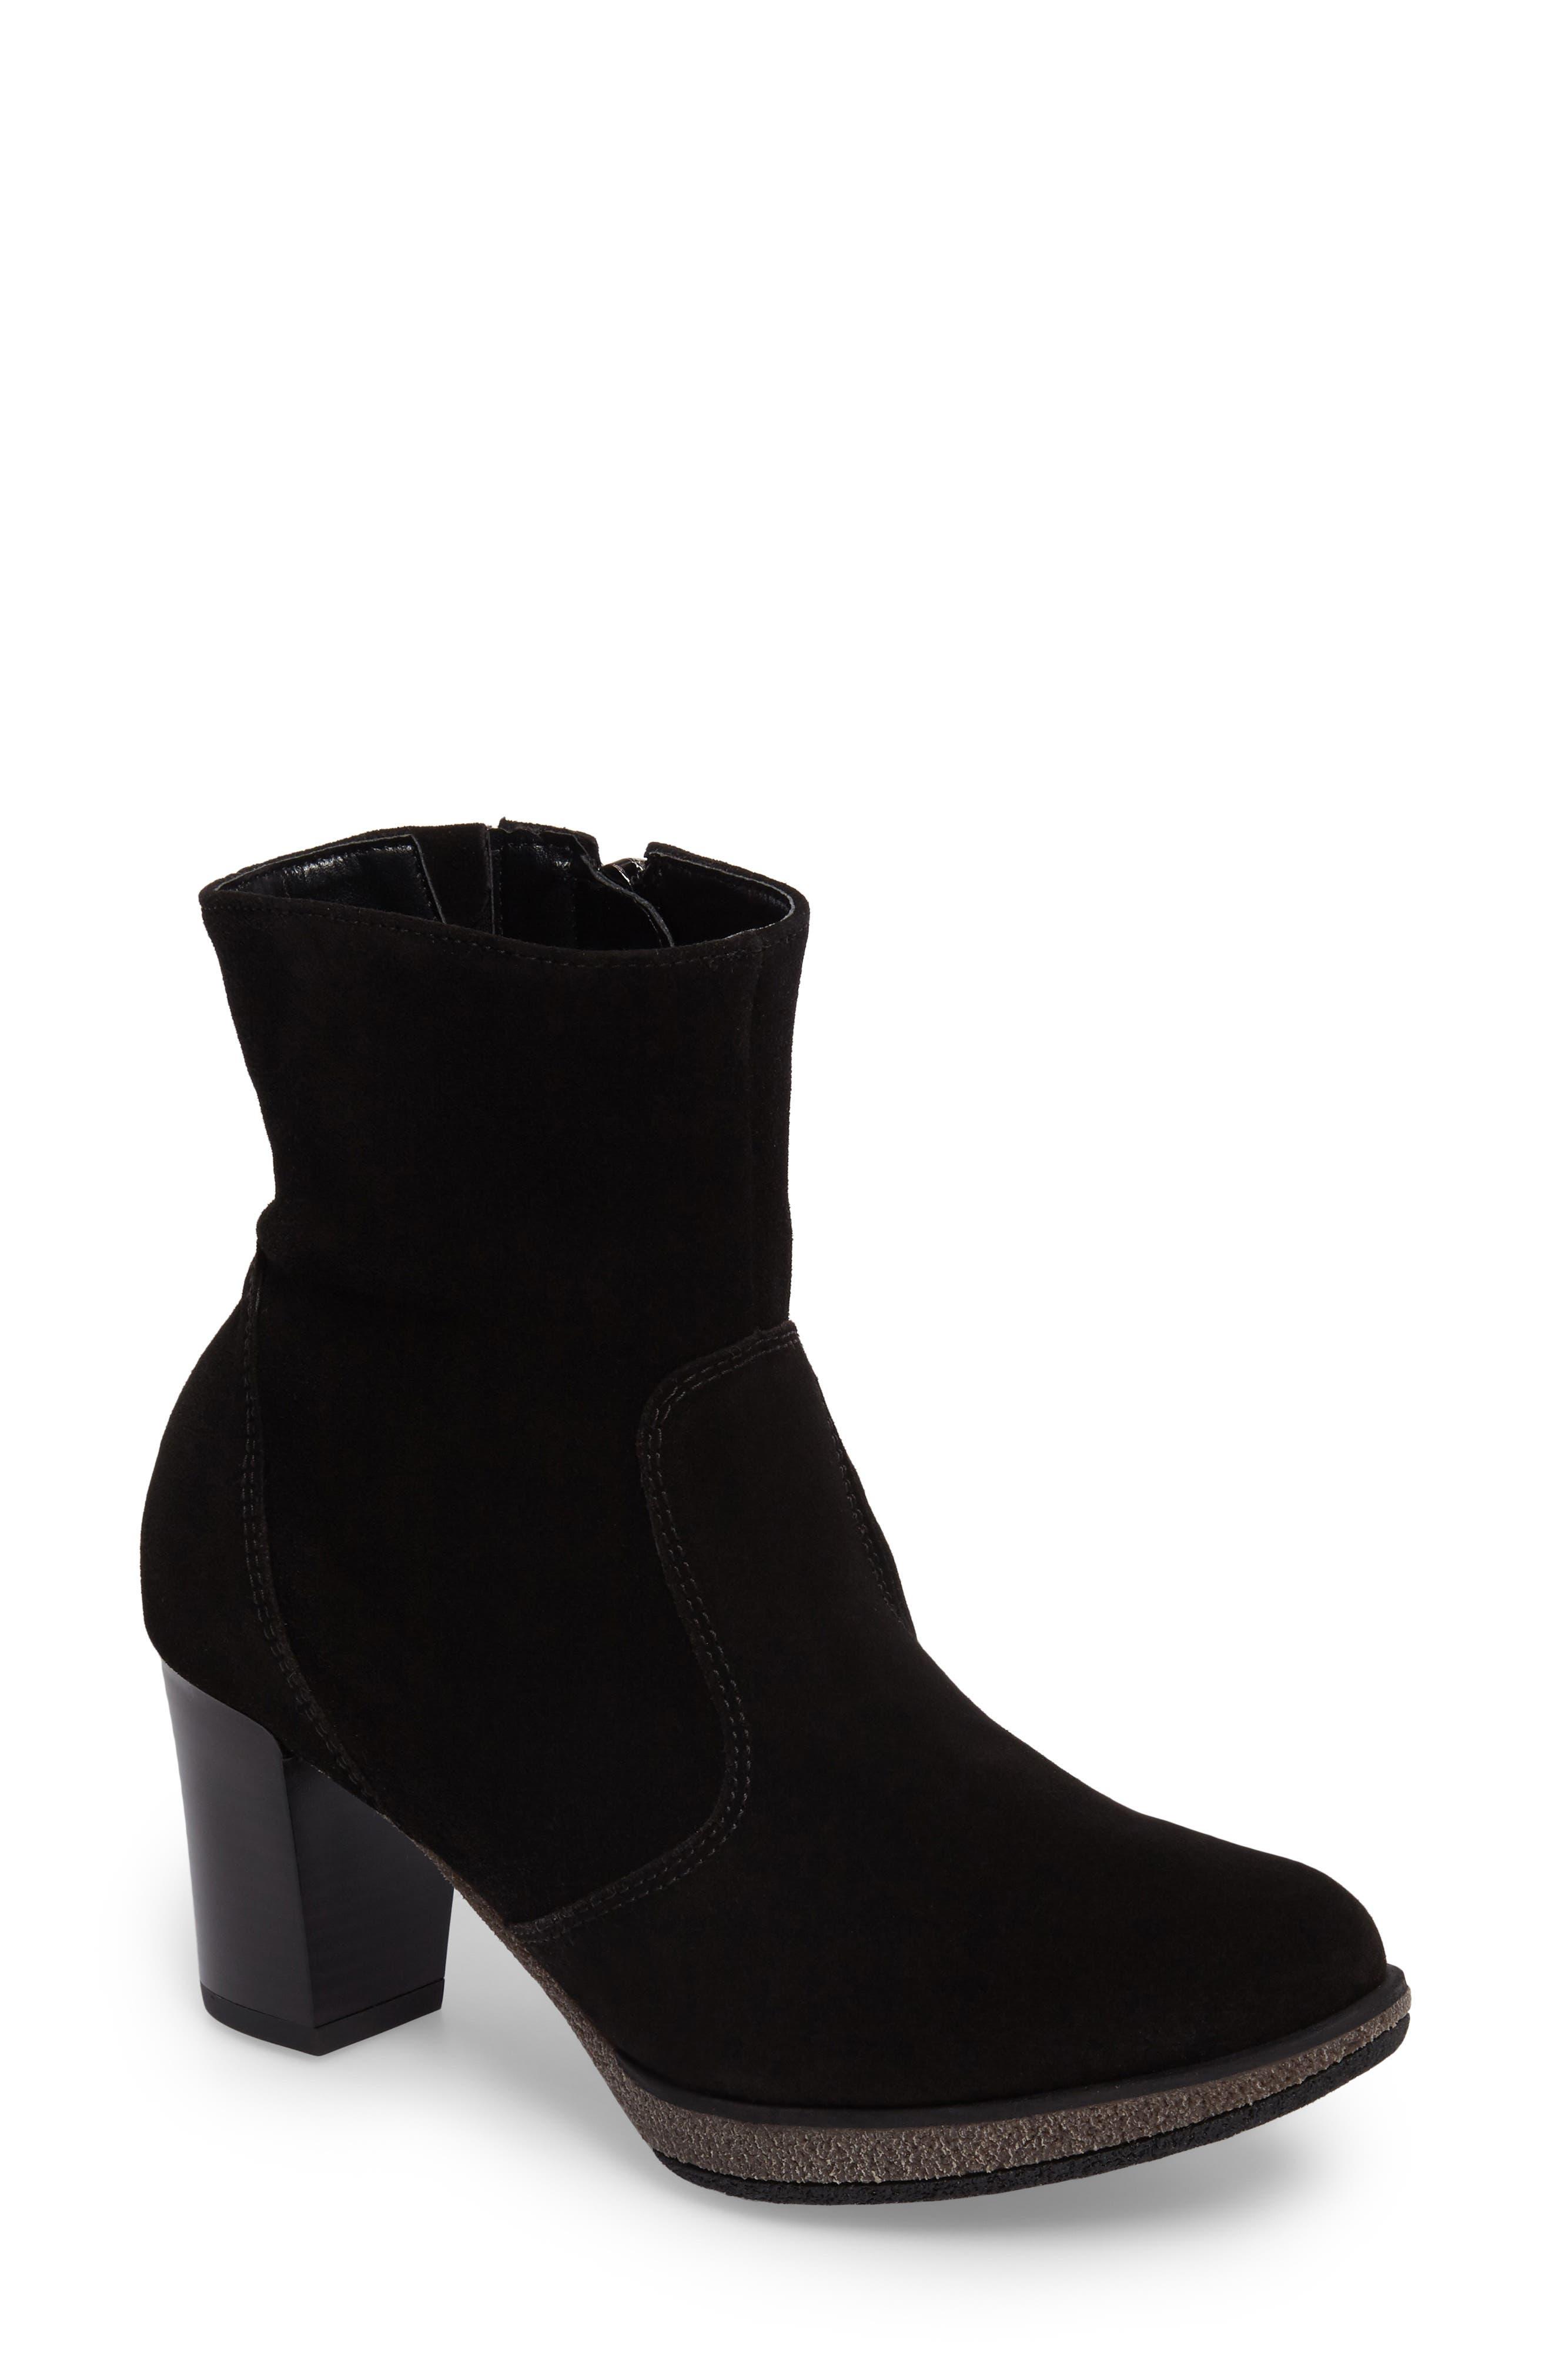 Bristol Bootie,                             Main thumbnail 1, color,                             Black Leather